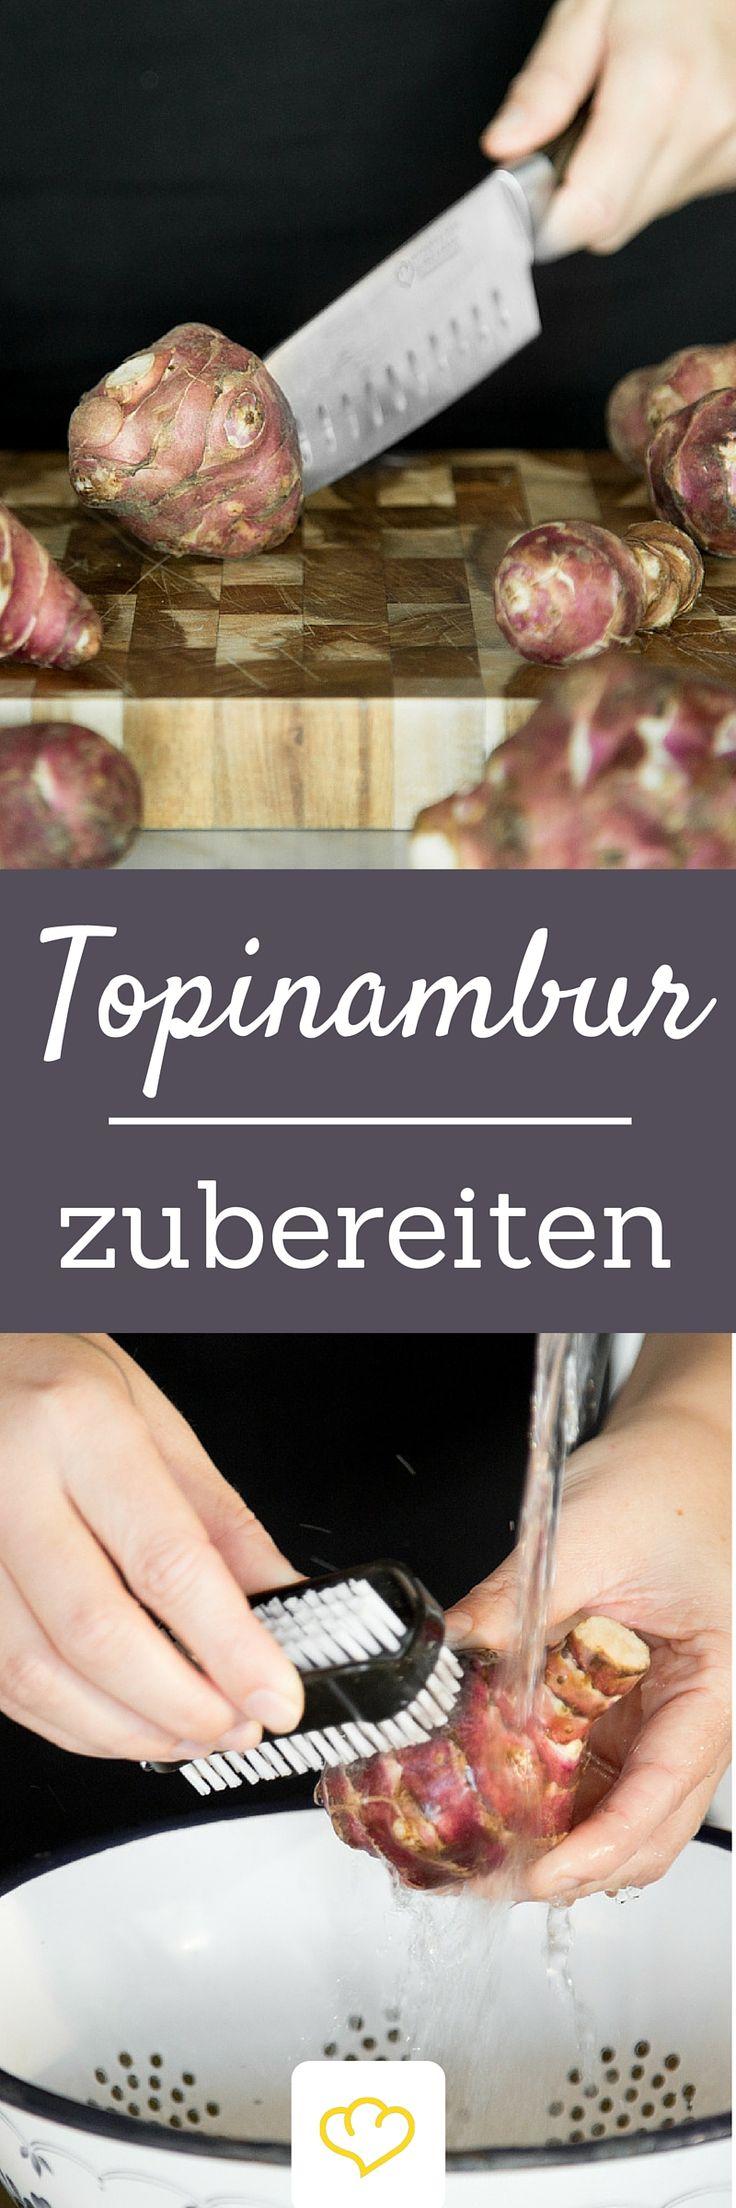 Wie bereitet man eigentlich Topinambur zu? Hier gibt's die besten Tricks und tolle Rezept-Ideen!